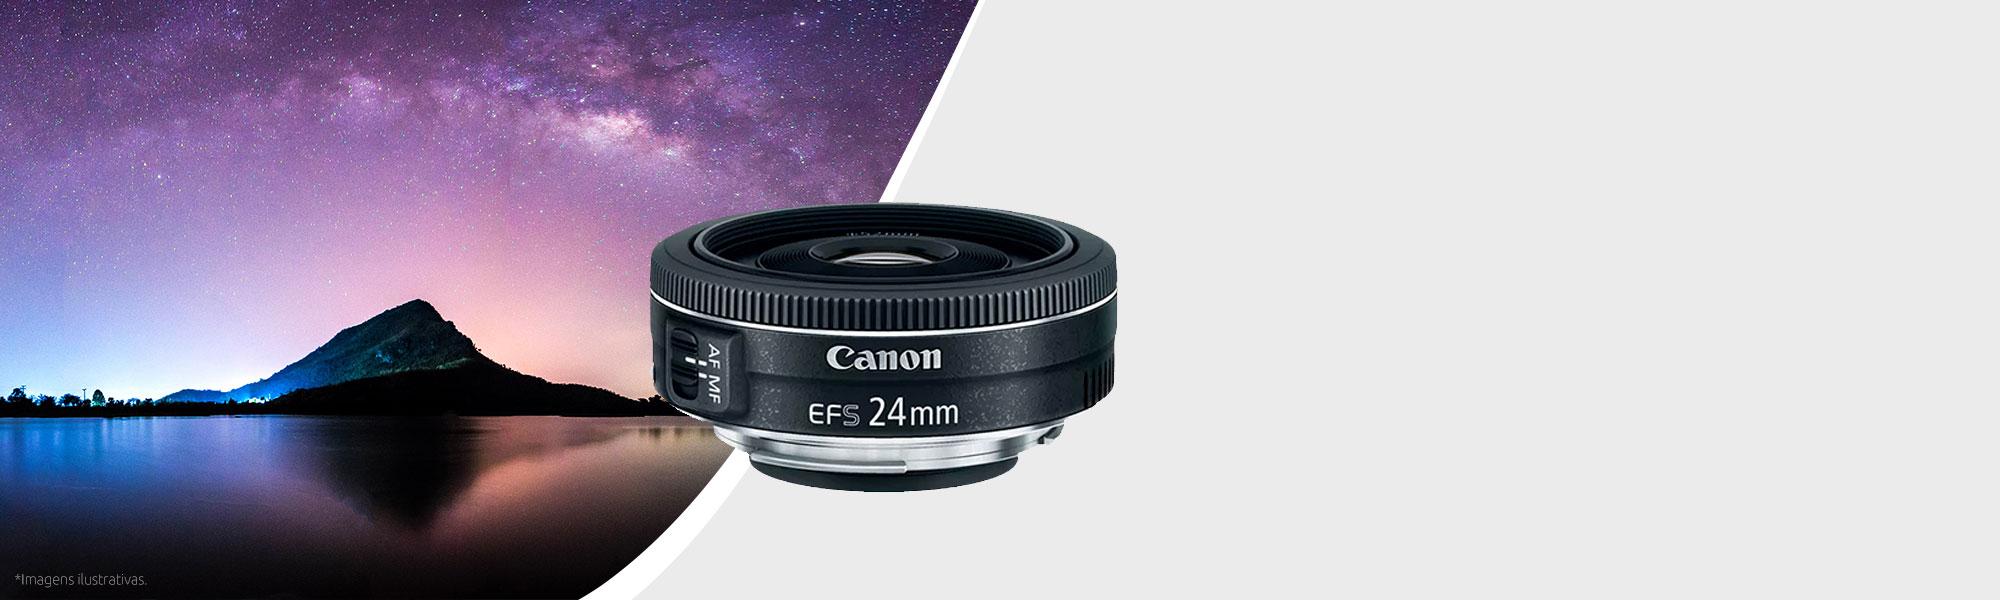 Lente EF-S 24mm f/2.8 STM